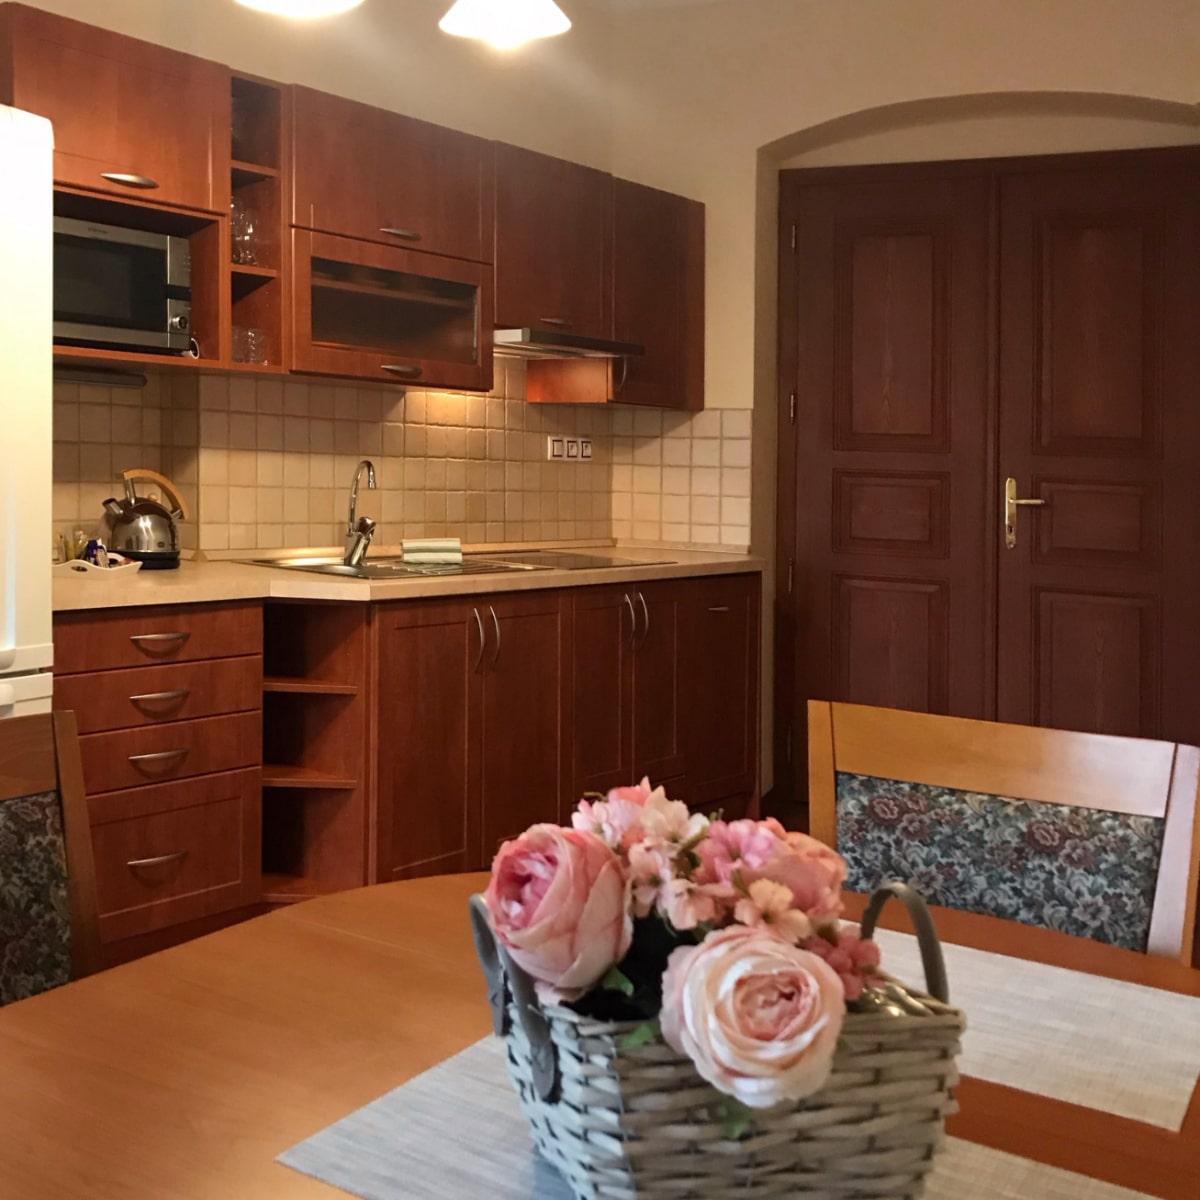 Apartmán Superior - kuchyně s jídelním koutem